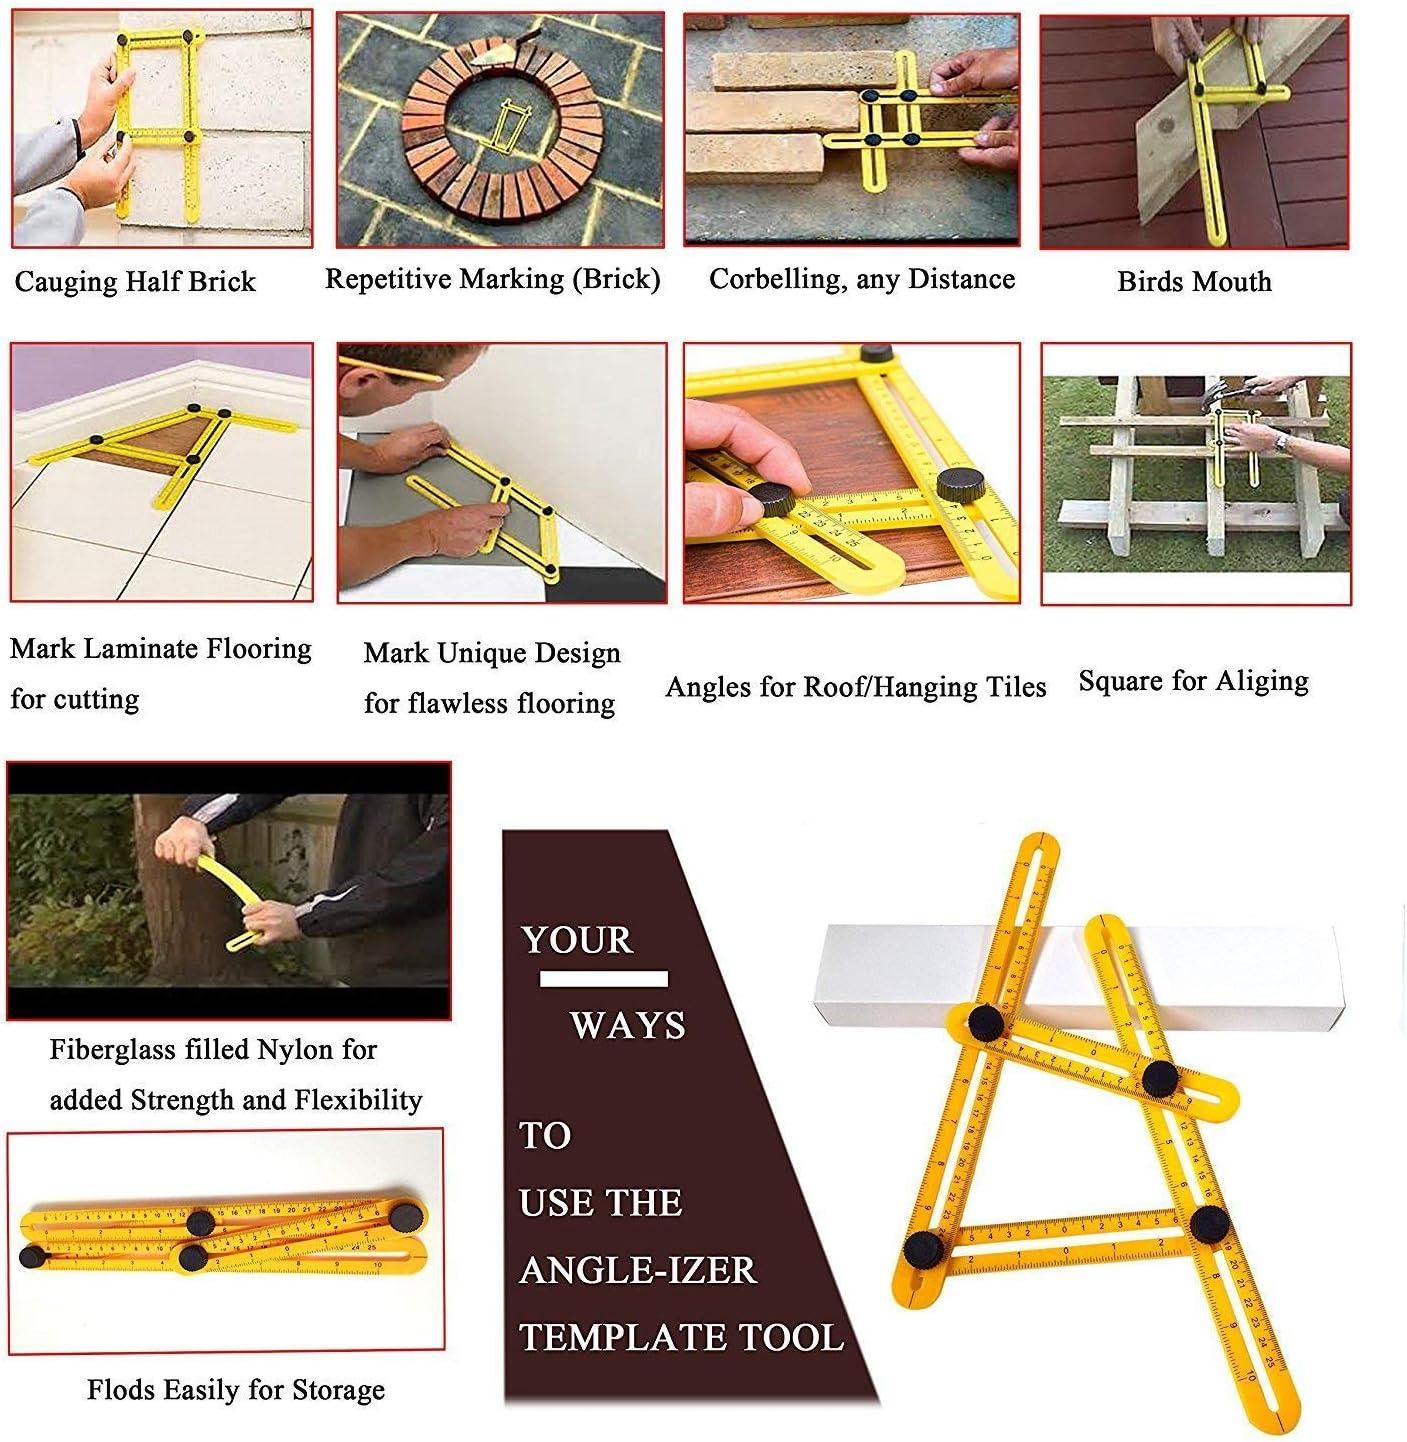 artesano para un trabajo profesional y bien hecho 1 pieza Regla de medici/ón multi/ángulo para azulejos y suelos herramienta esencial para carpintero madera constructor mide todos los /ángulos